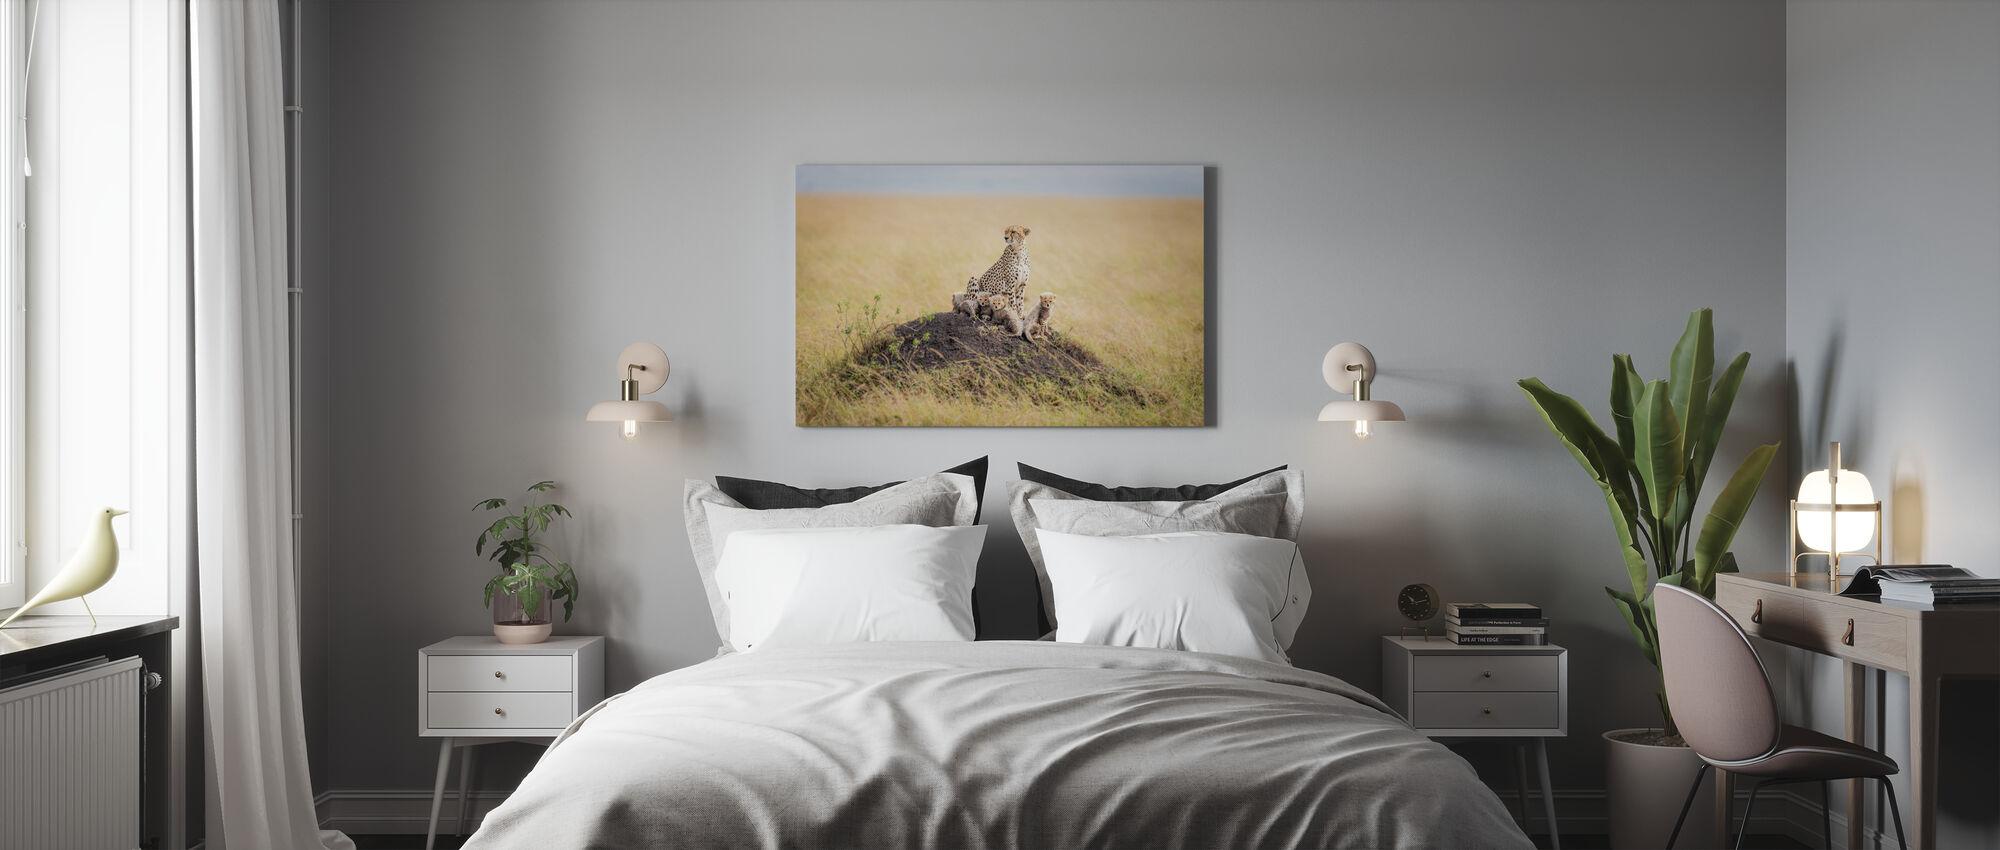 Regal Protector - Canvas print - Bedroom